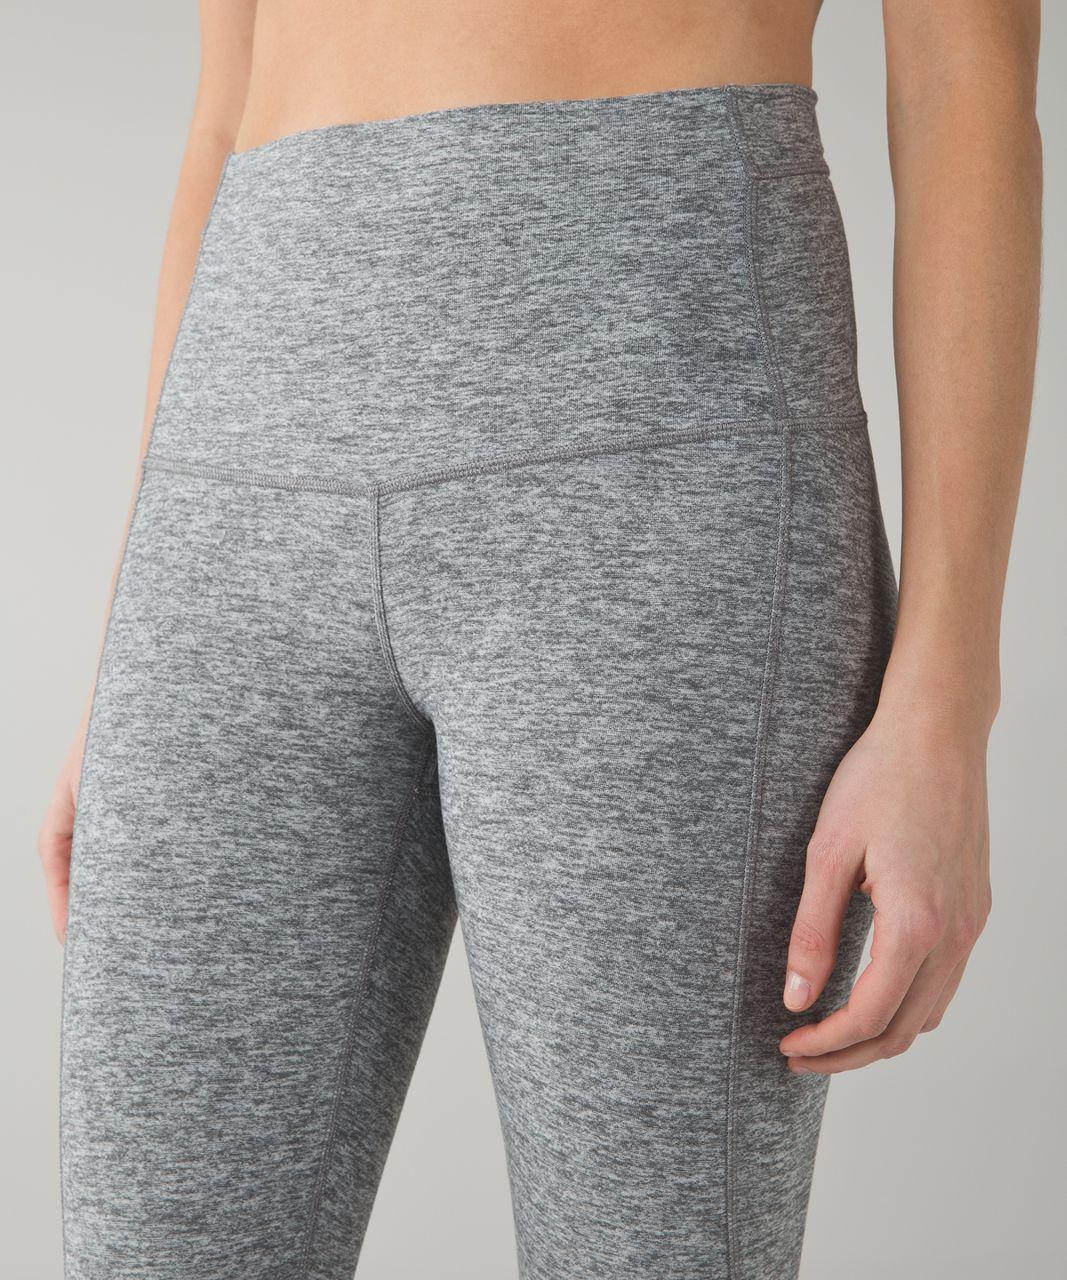 Lululemon Pure Practice Pant - Heathered Slate